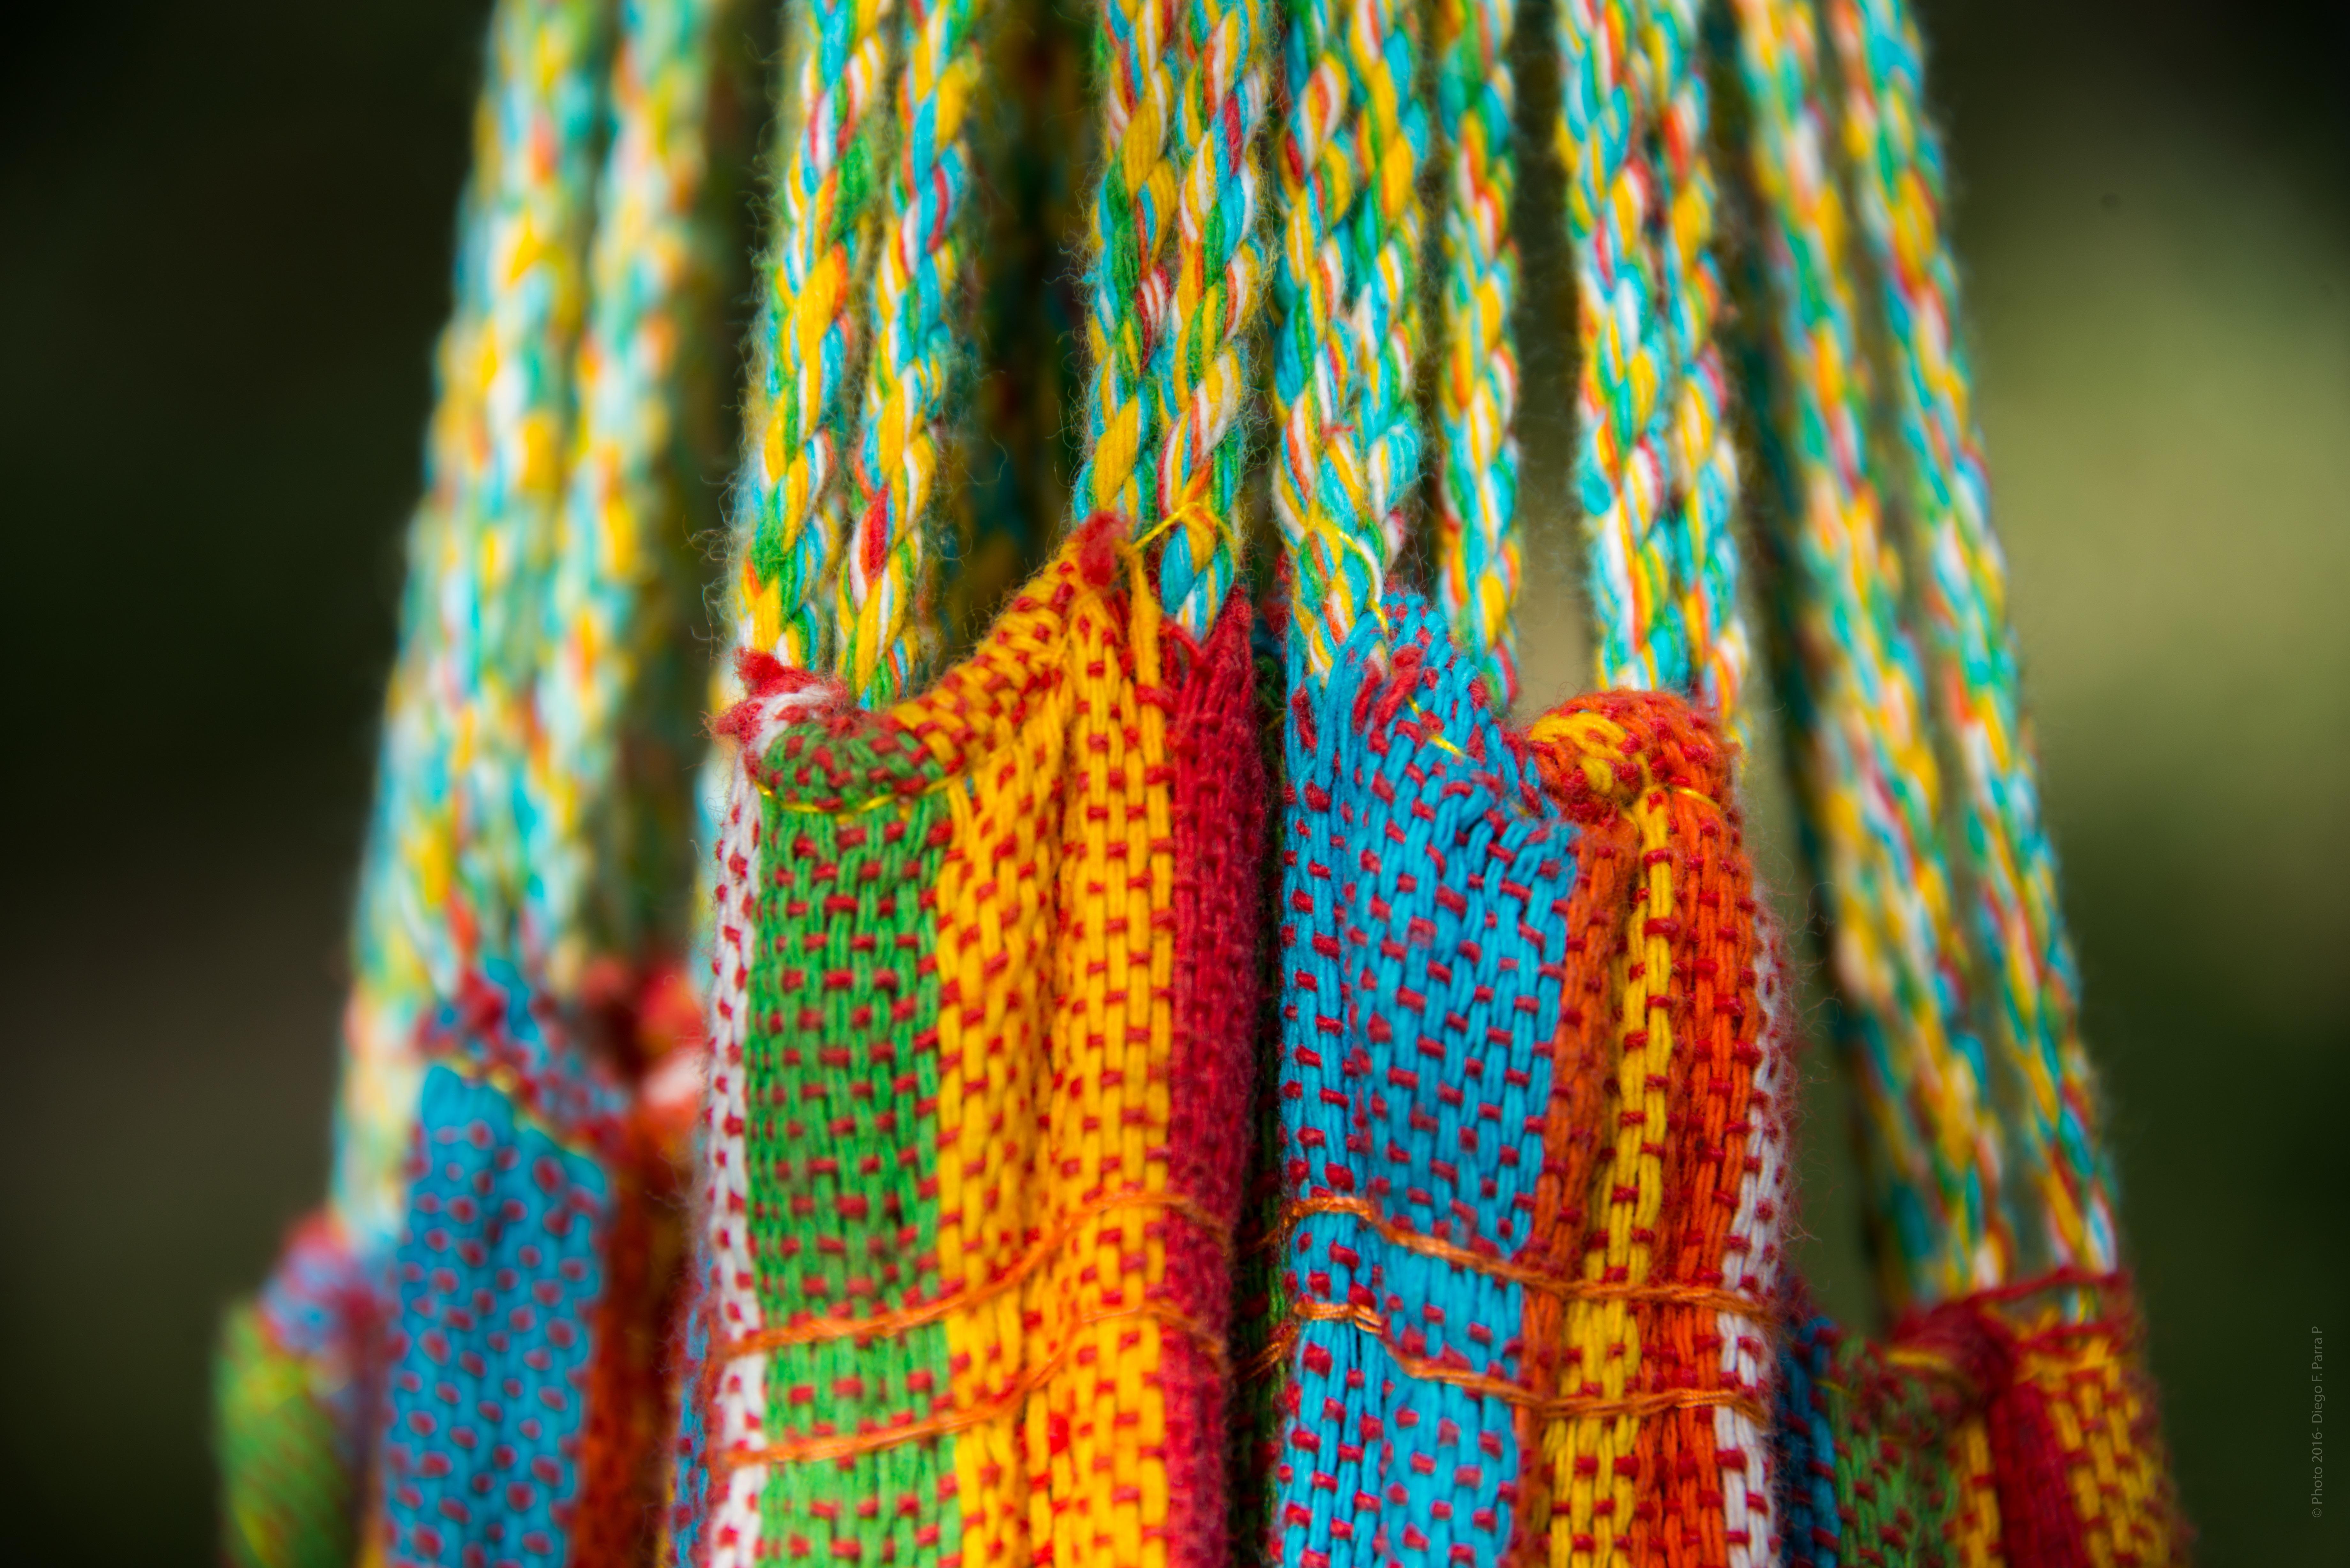 Fotos gratis : cuerda, ligero, flor, patrón, verde, rojo, relajarse ...